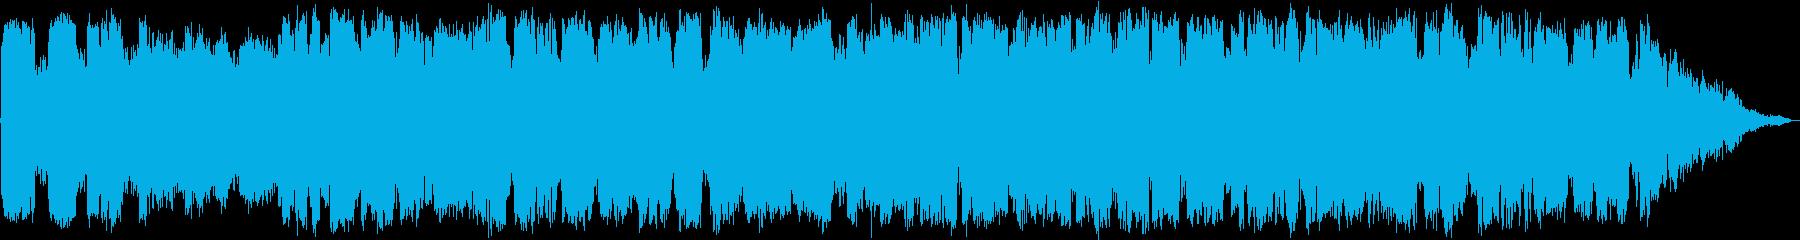 低音の竹笛の眠りと瞑想のヒーリング音楽の再生済みの波形